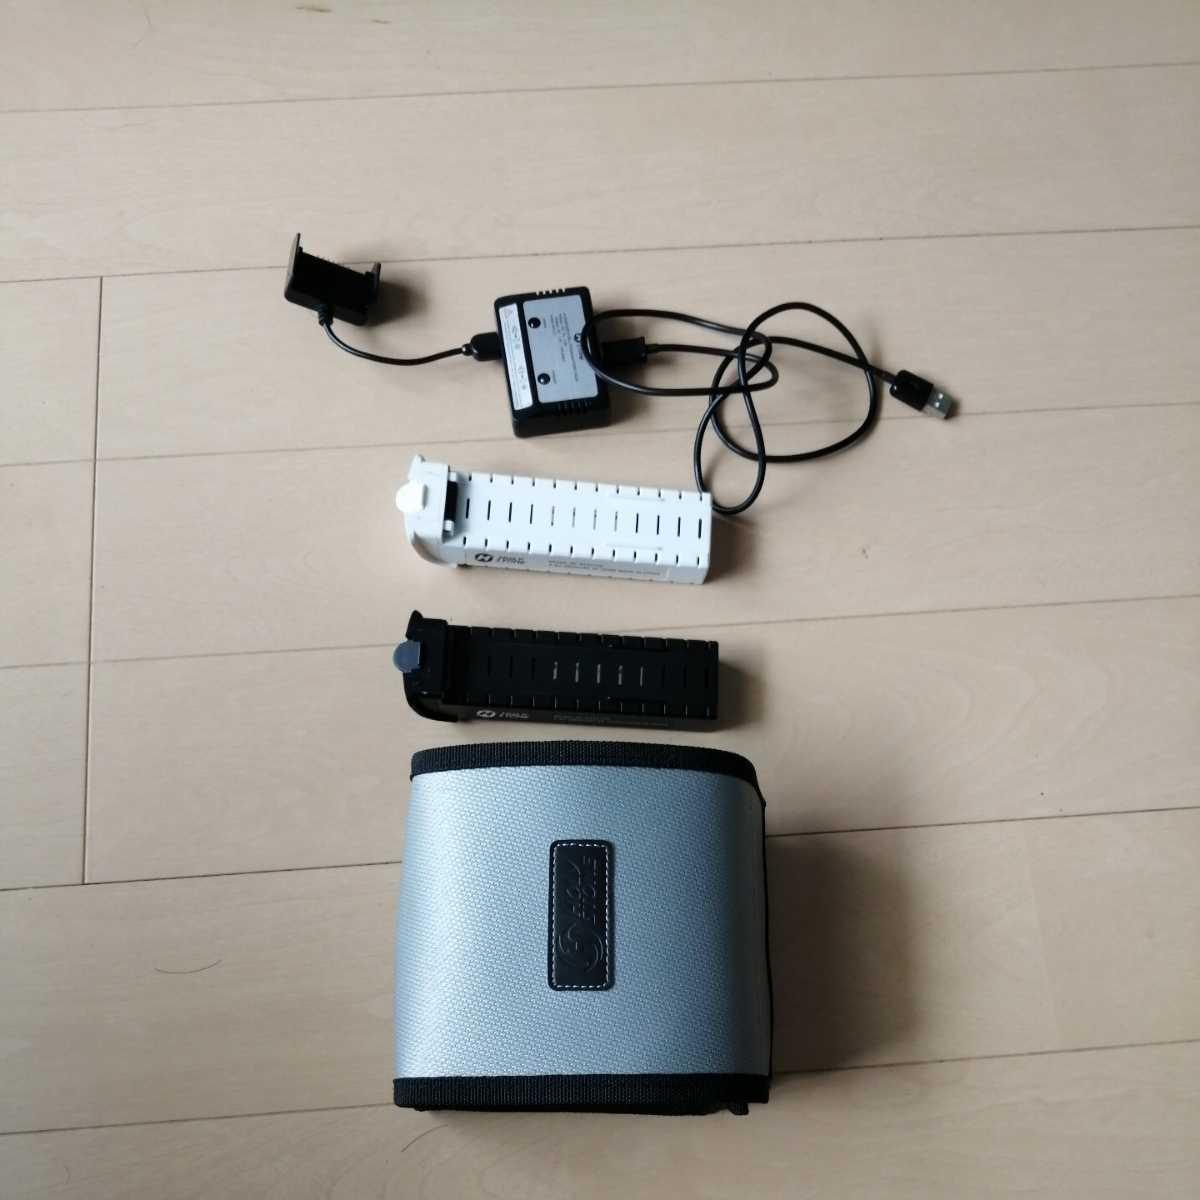 ドローン ホーリーストーンHS700用バッテリー2個セット